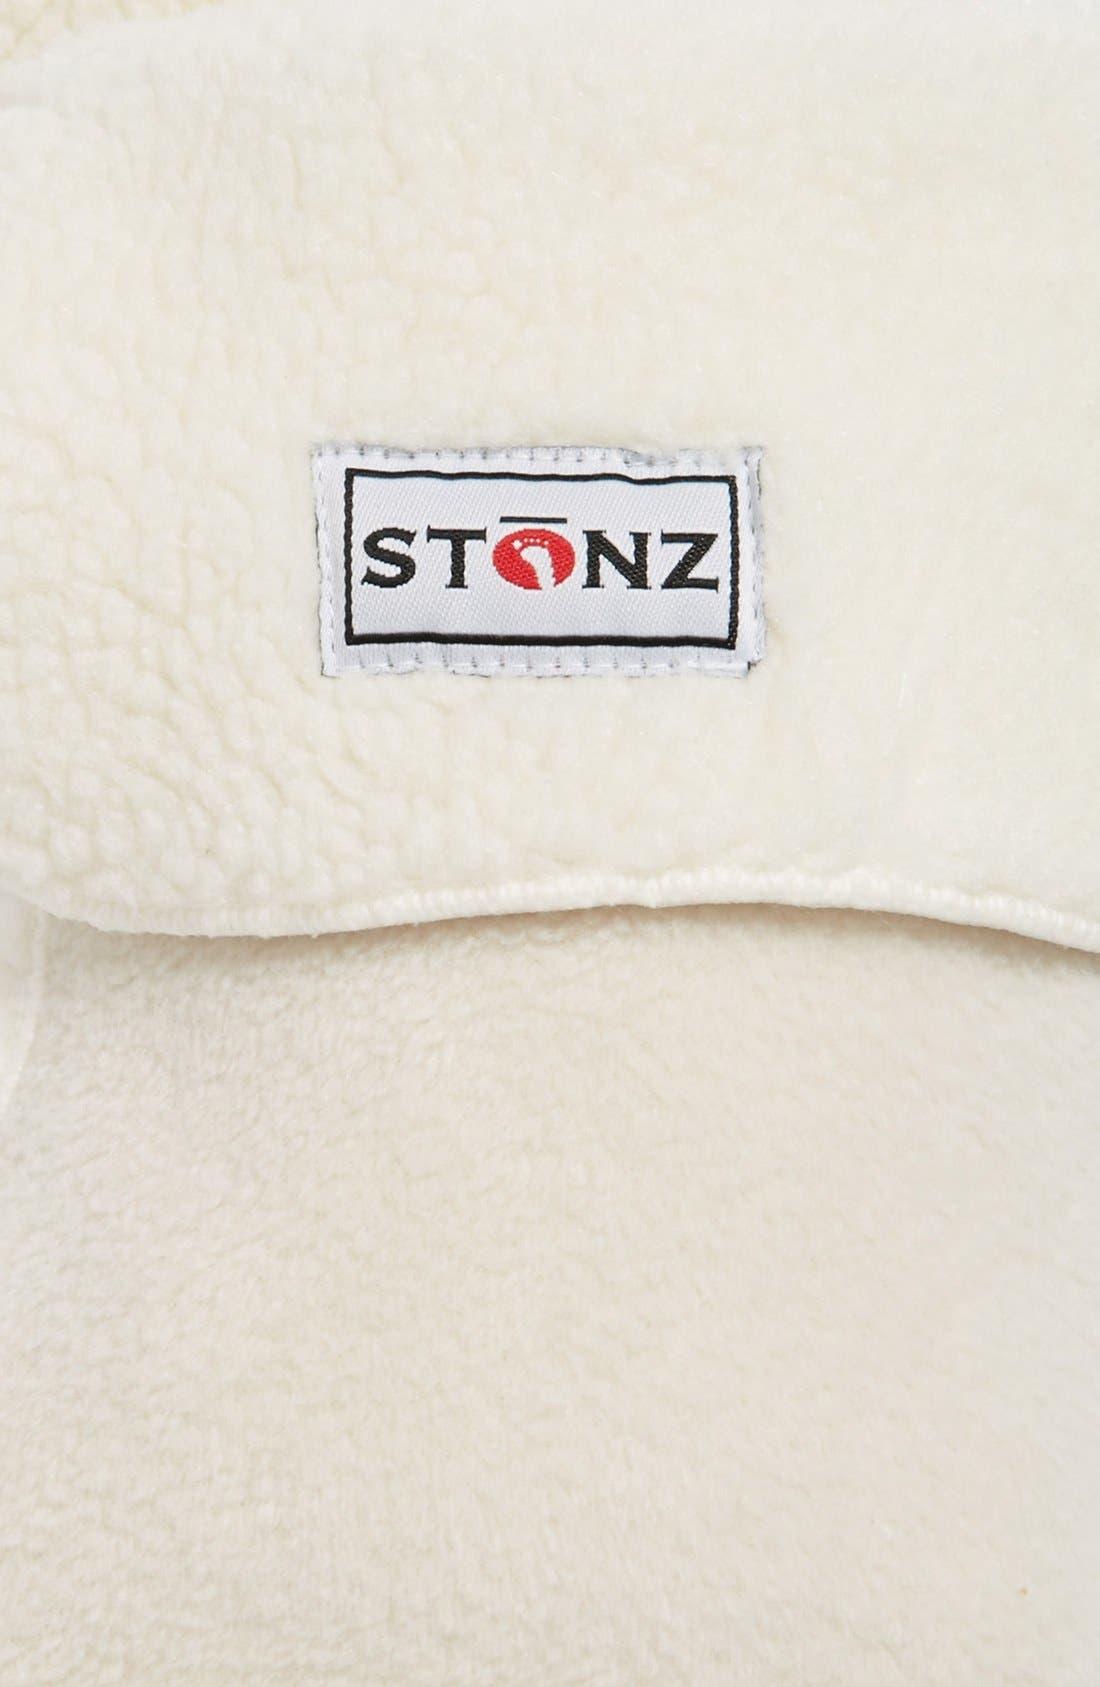 Alternate Image 2  - Stonz 'Linerz' Fleece Bootie Liners (Baby & Walker)